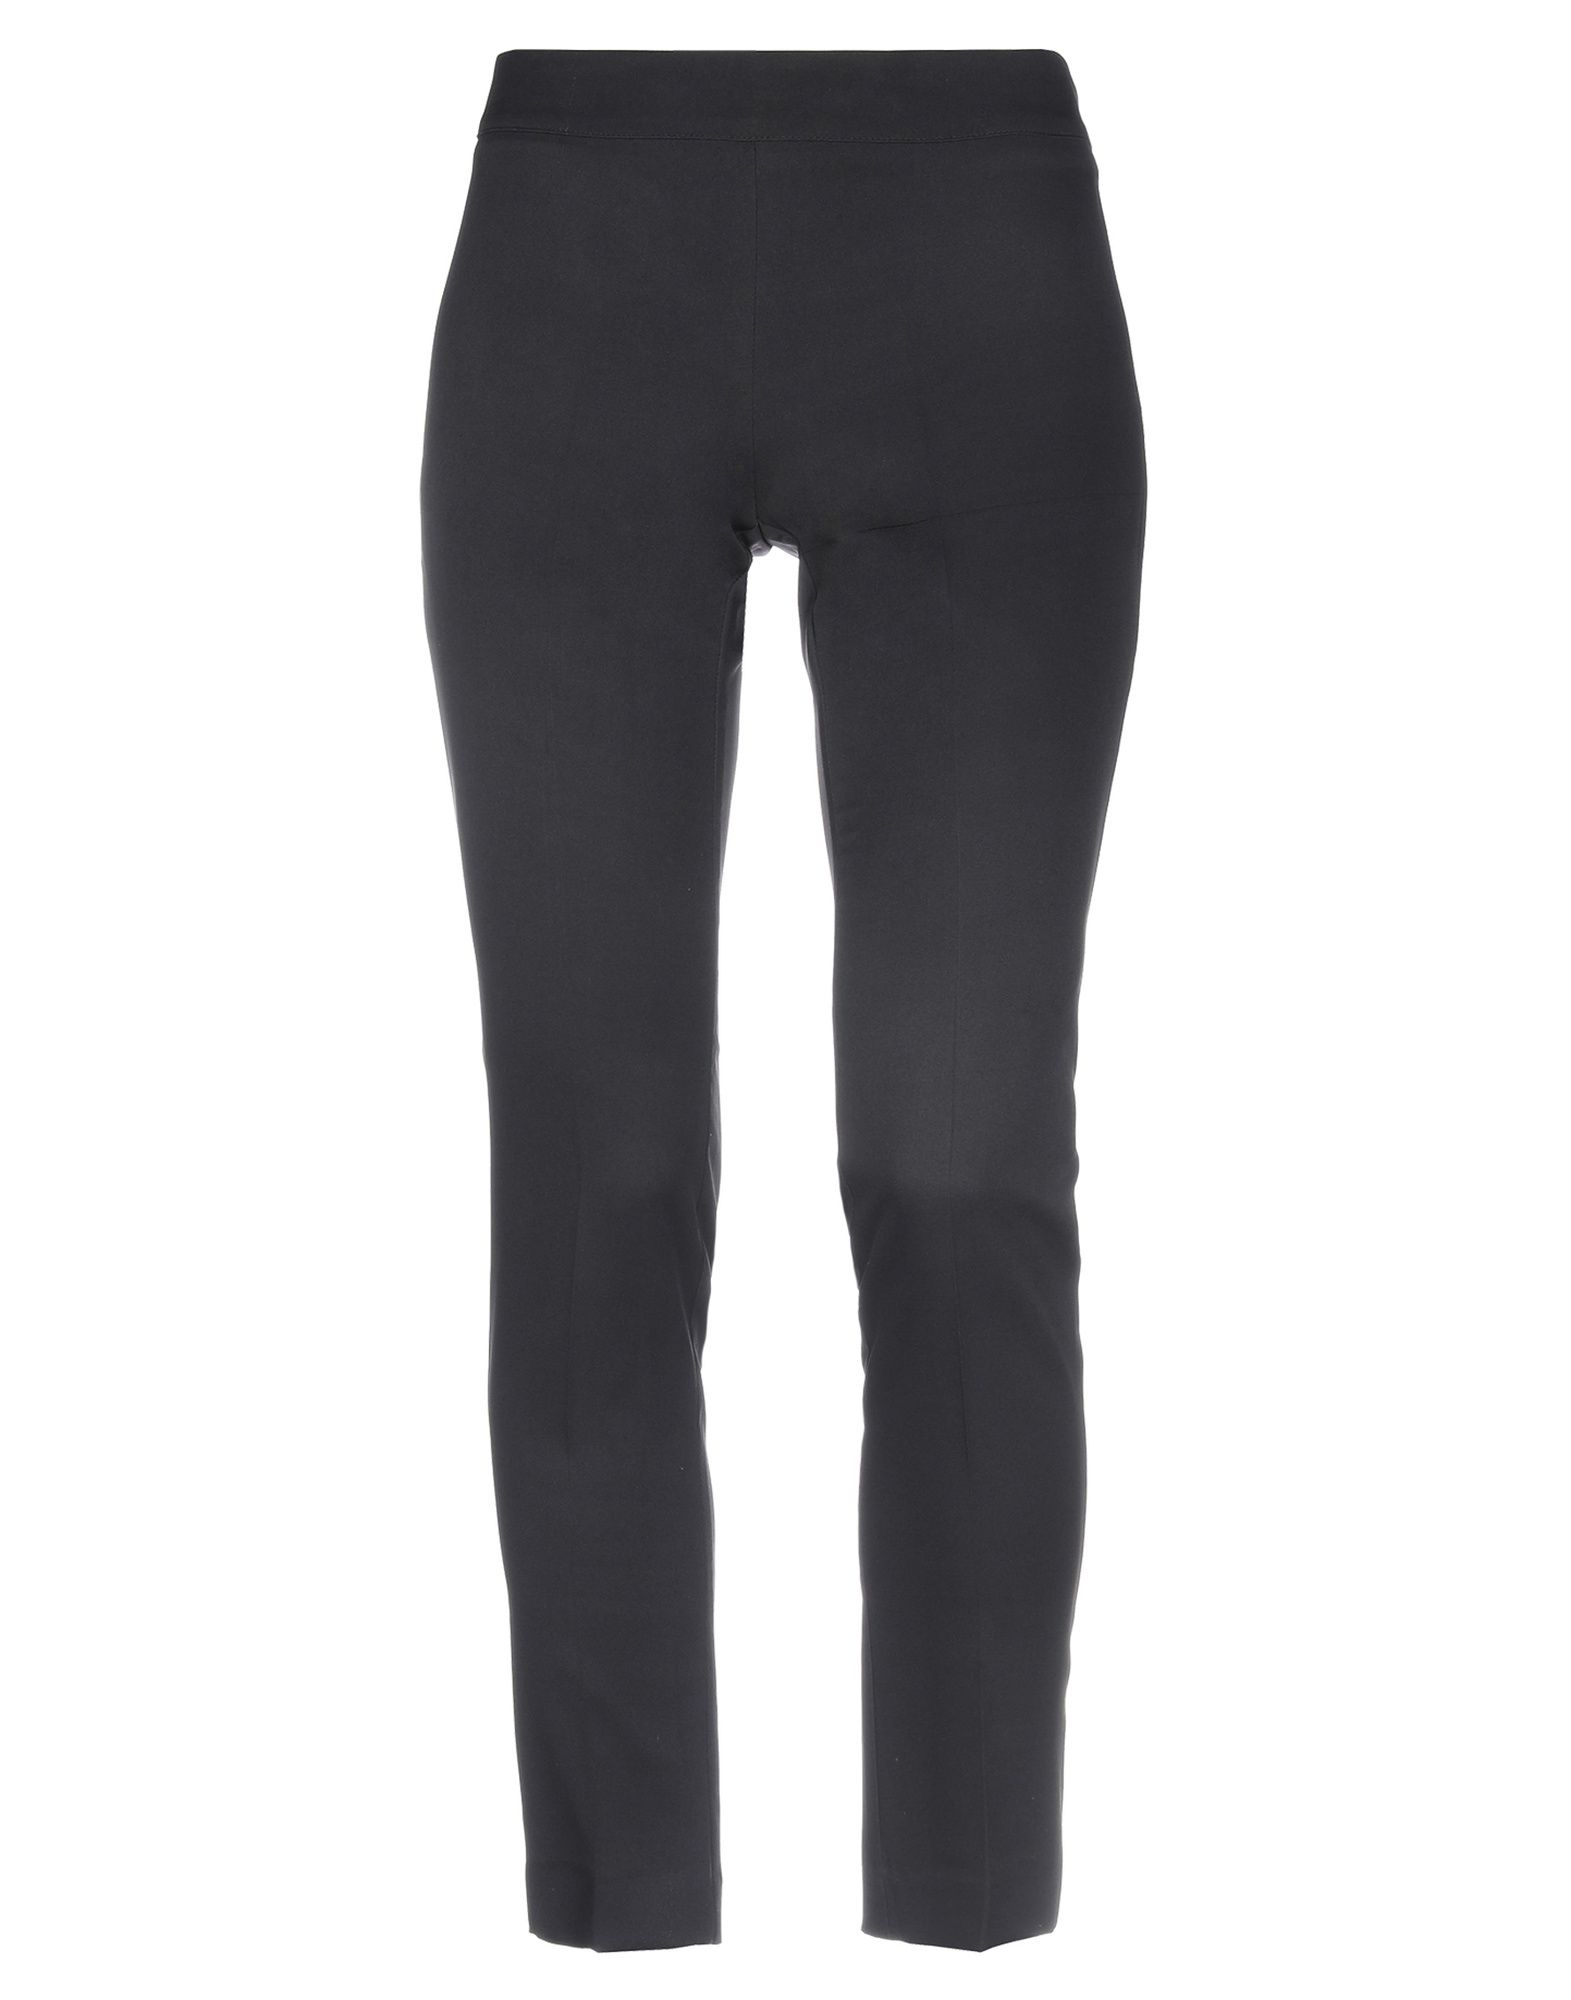 SISTE' S Casual pants - Item 13323387